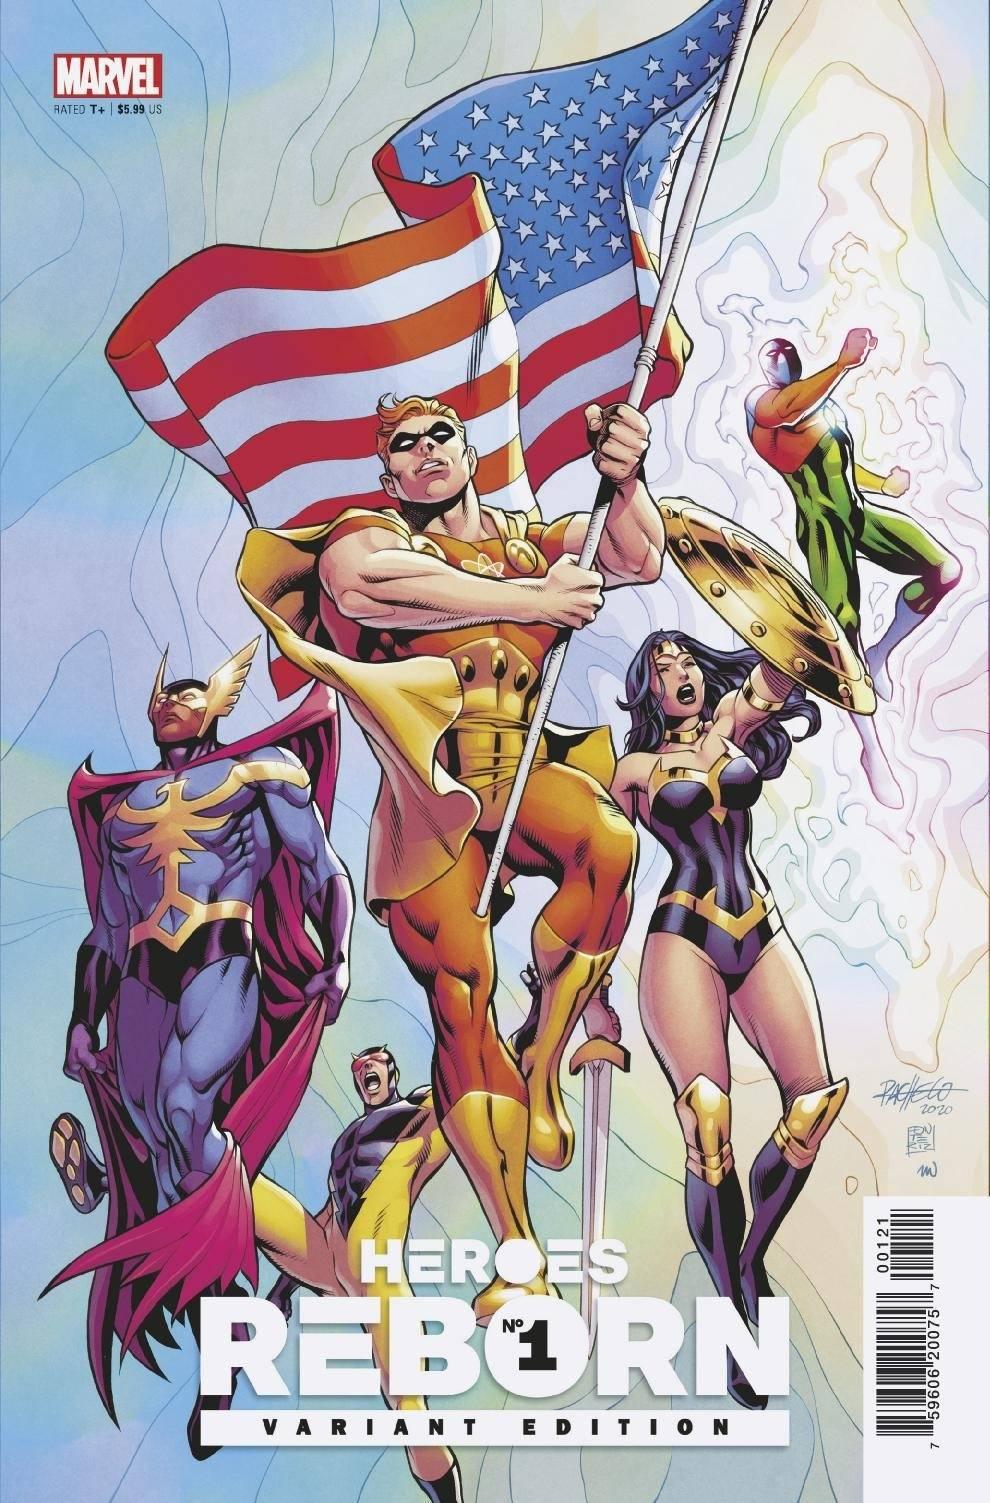 Portada variante de Heroes Reborn # 1